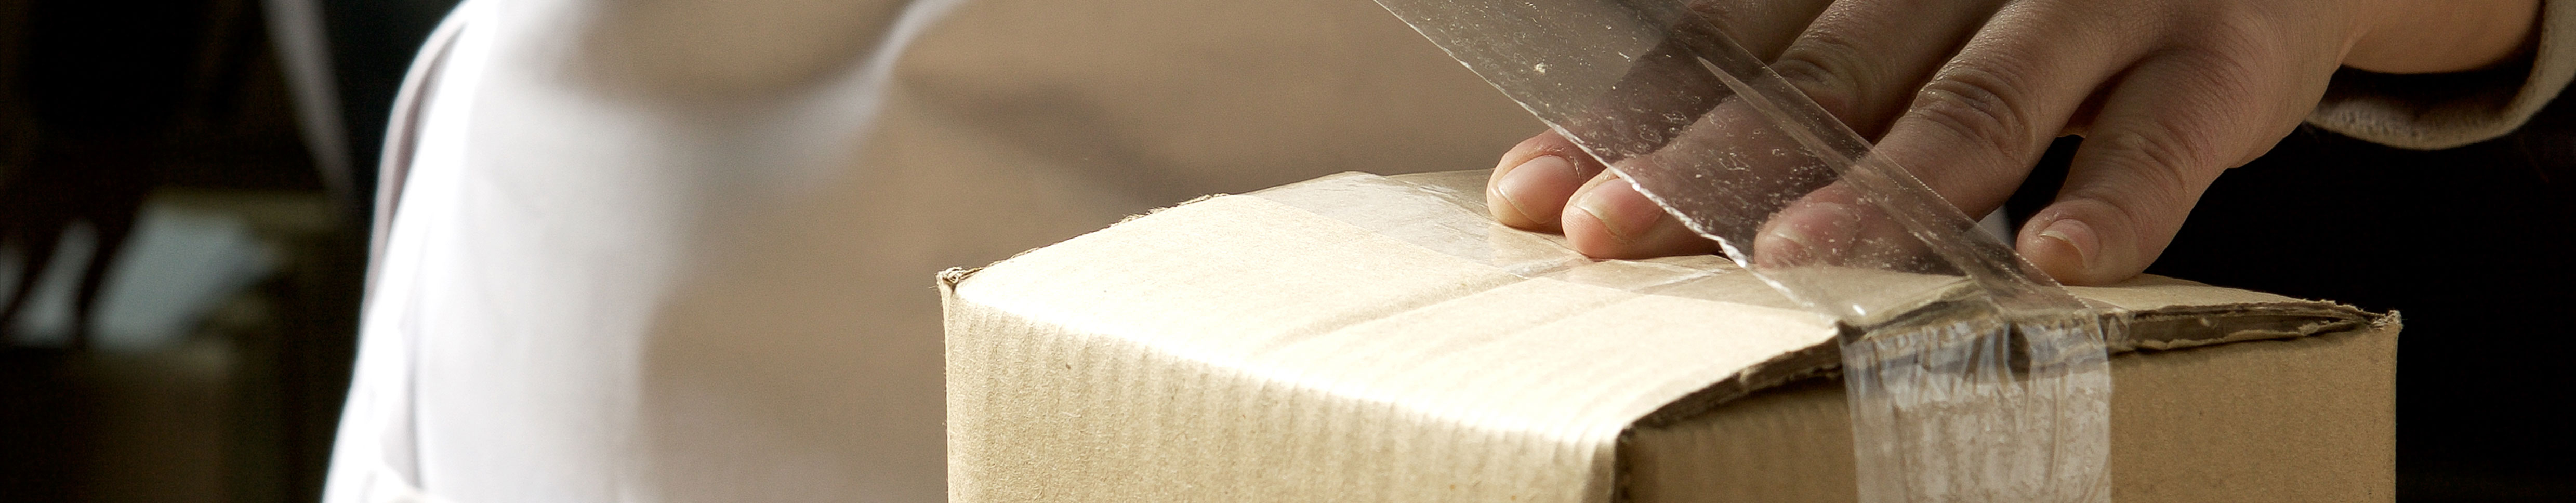 embalagem de cerâmica